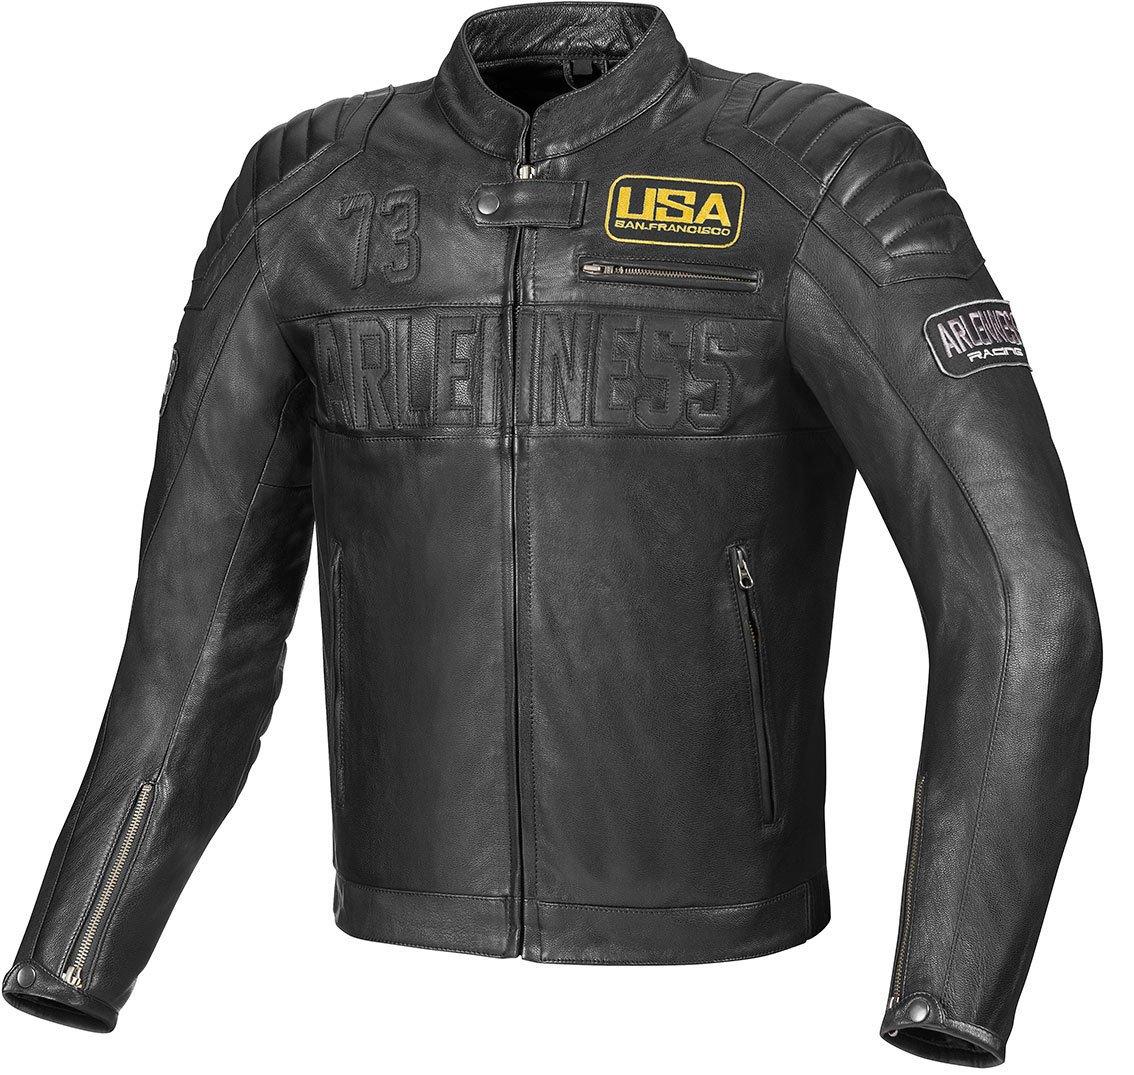 Arlen Ness Aggro Giacca da motociclista in pelle